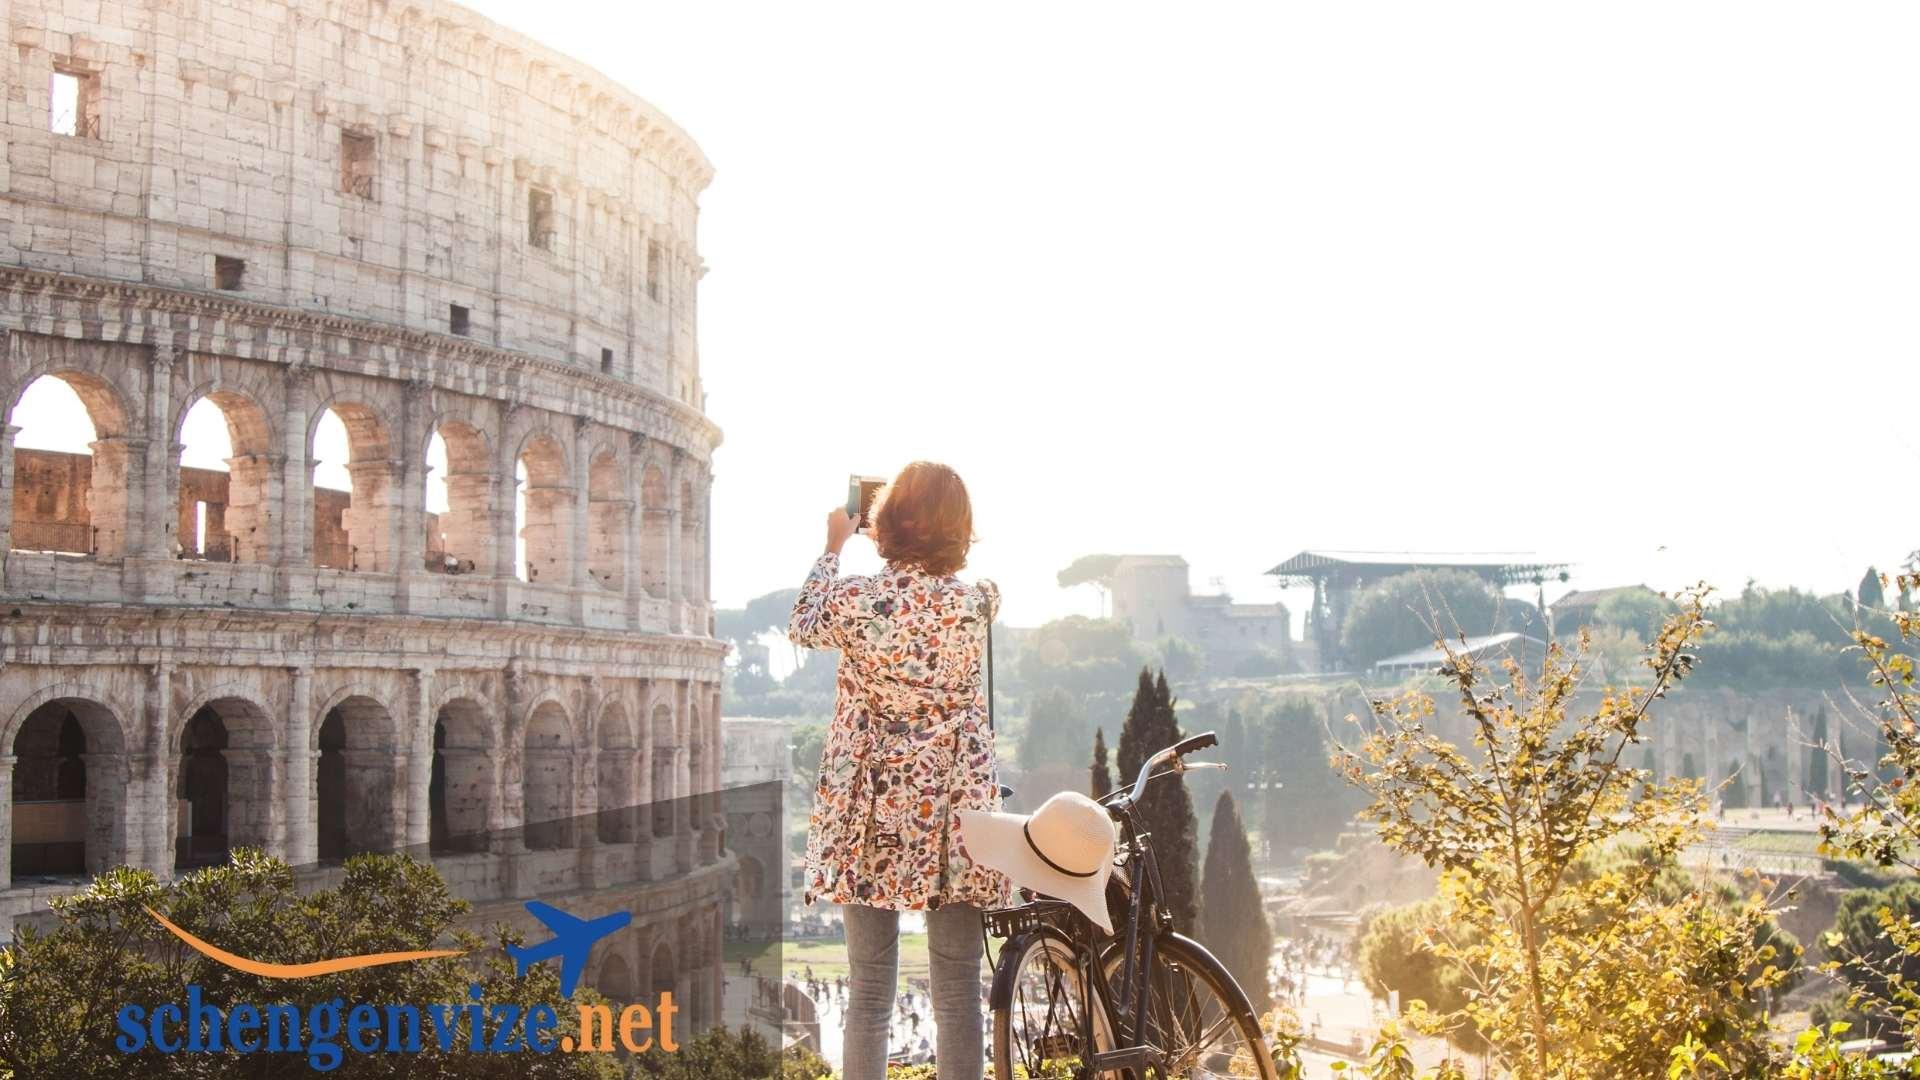 İtalya'ya Nasıl Gidebilirim?